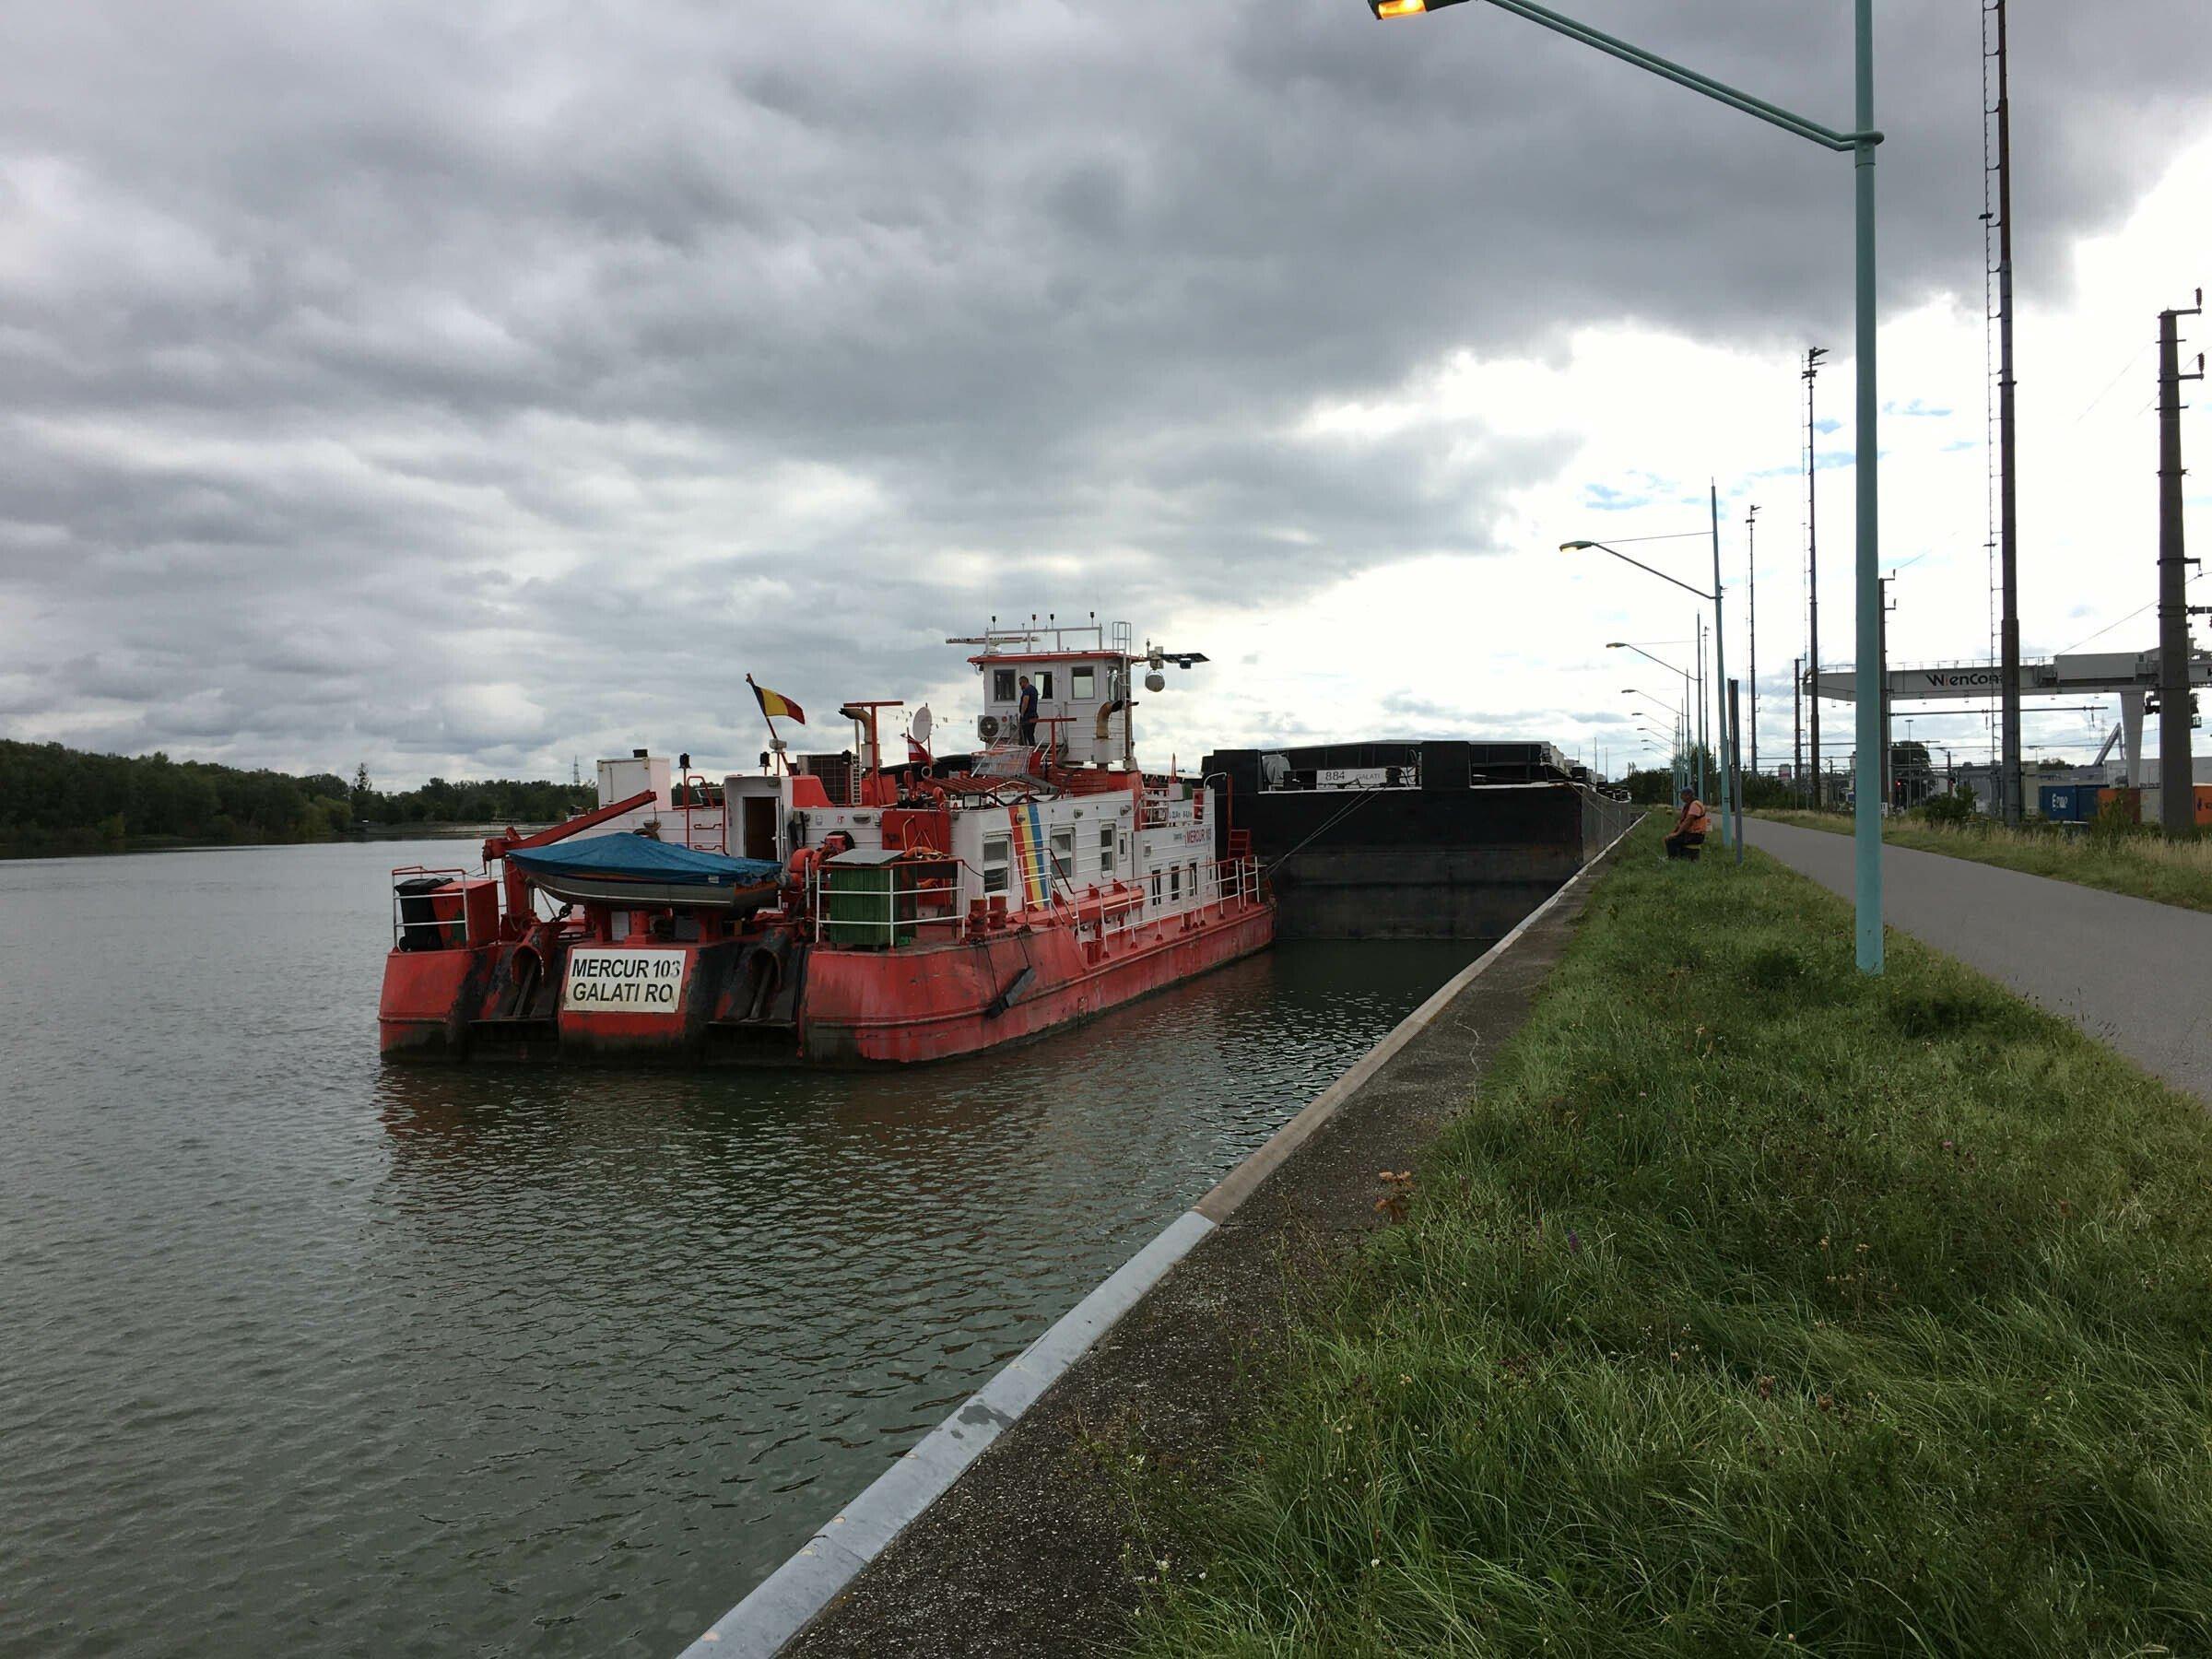 Kleines rotes Frachtschiff steht am Ufer des Flusses.